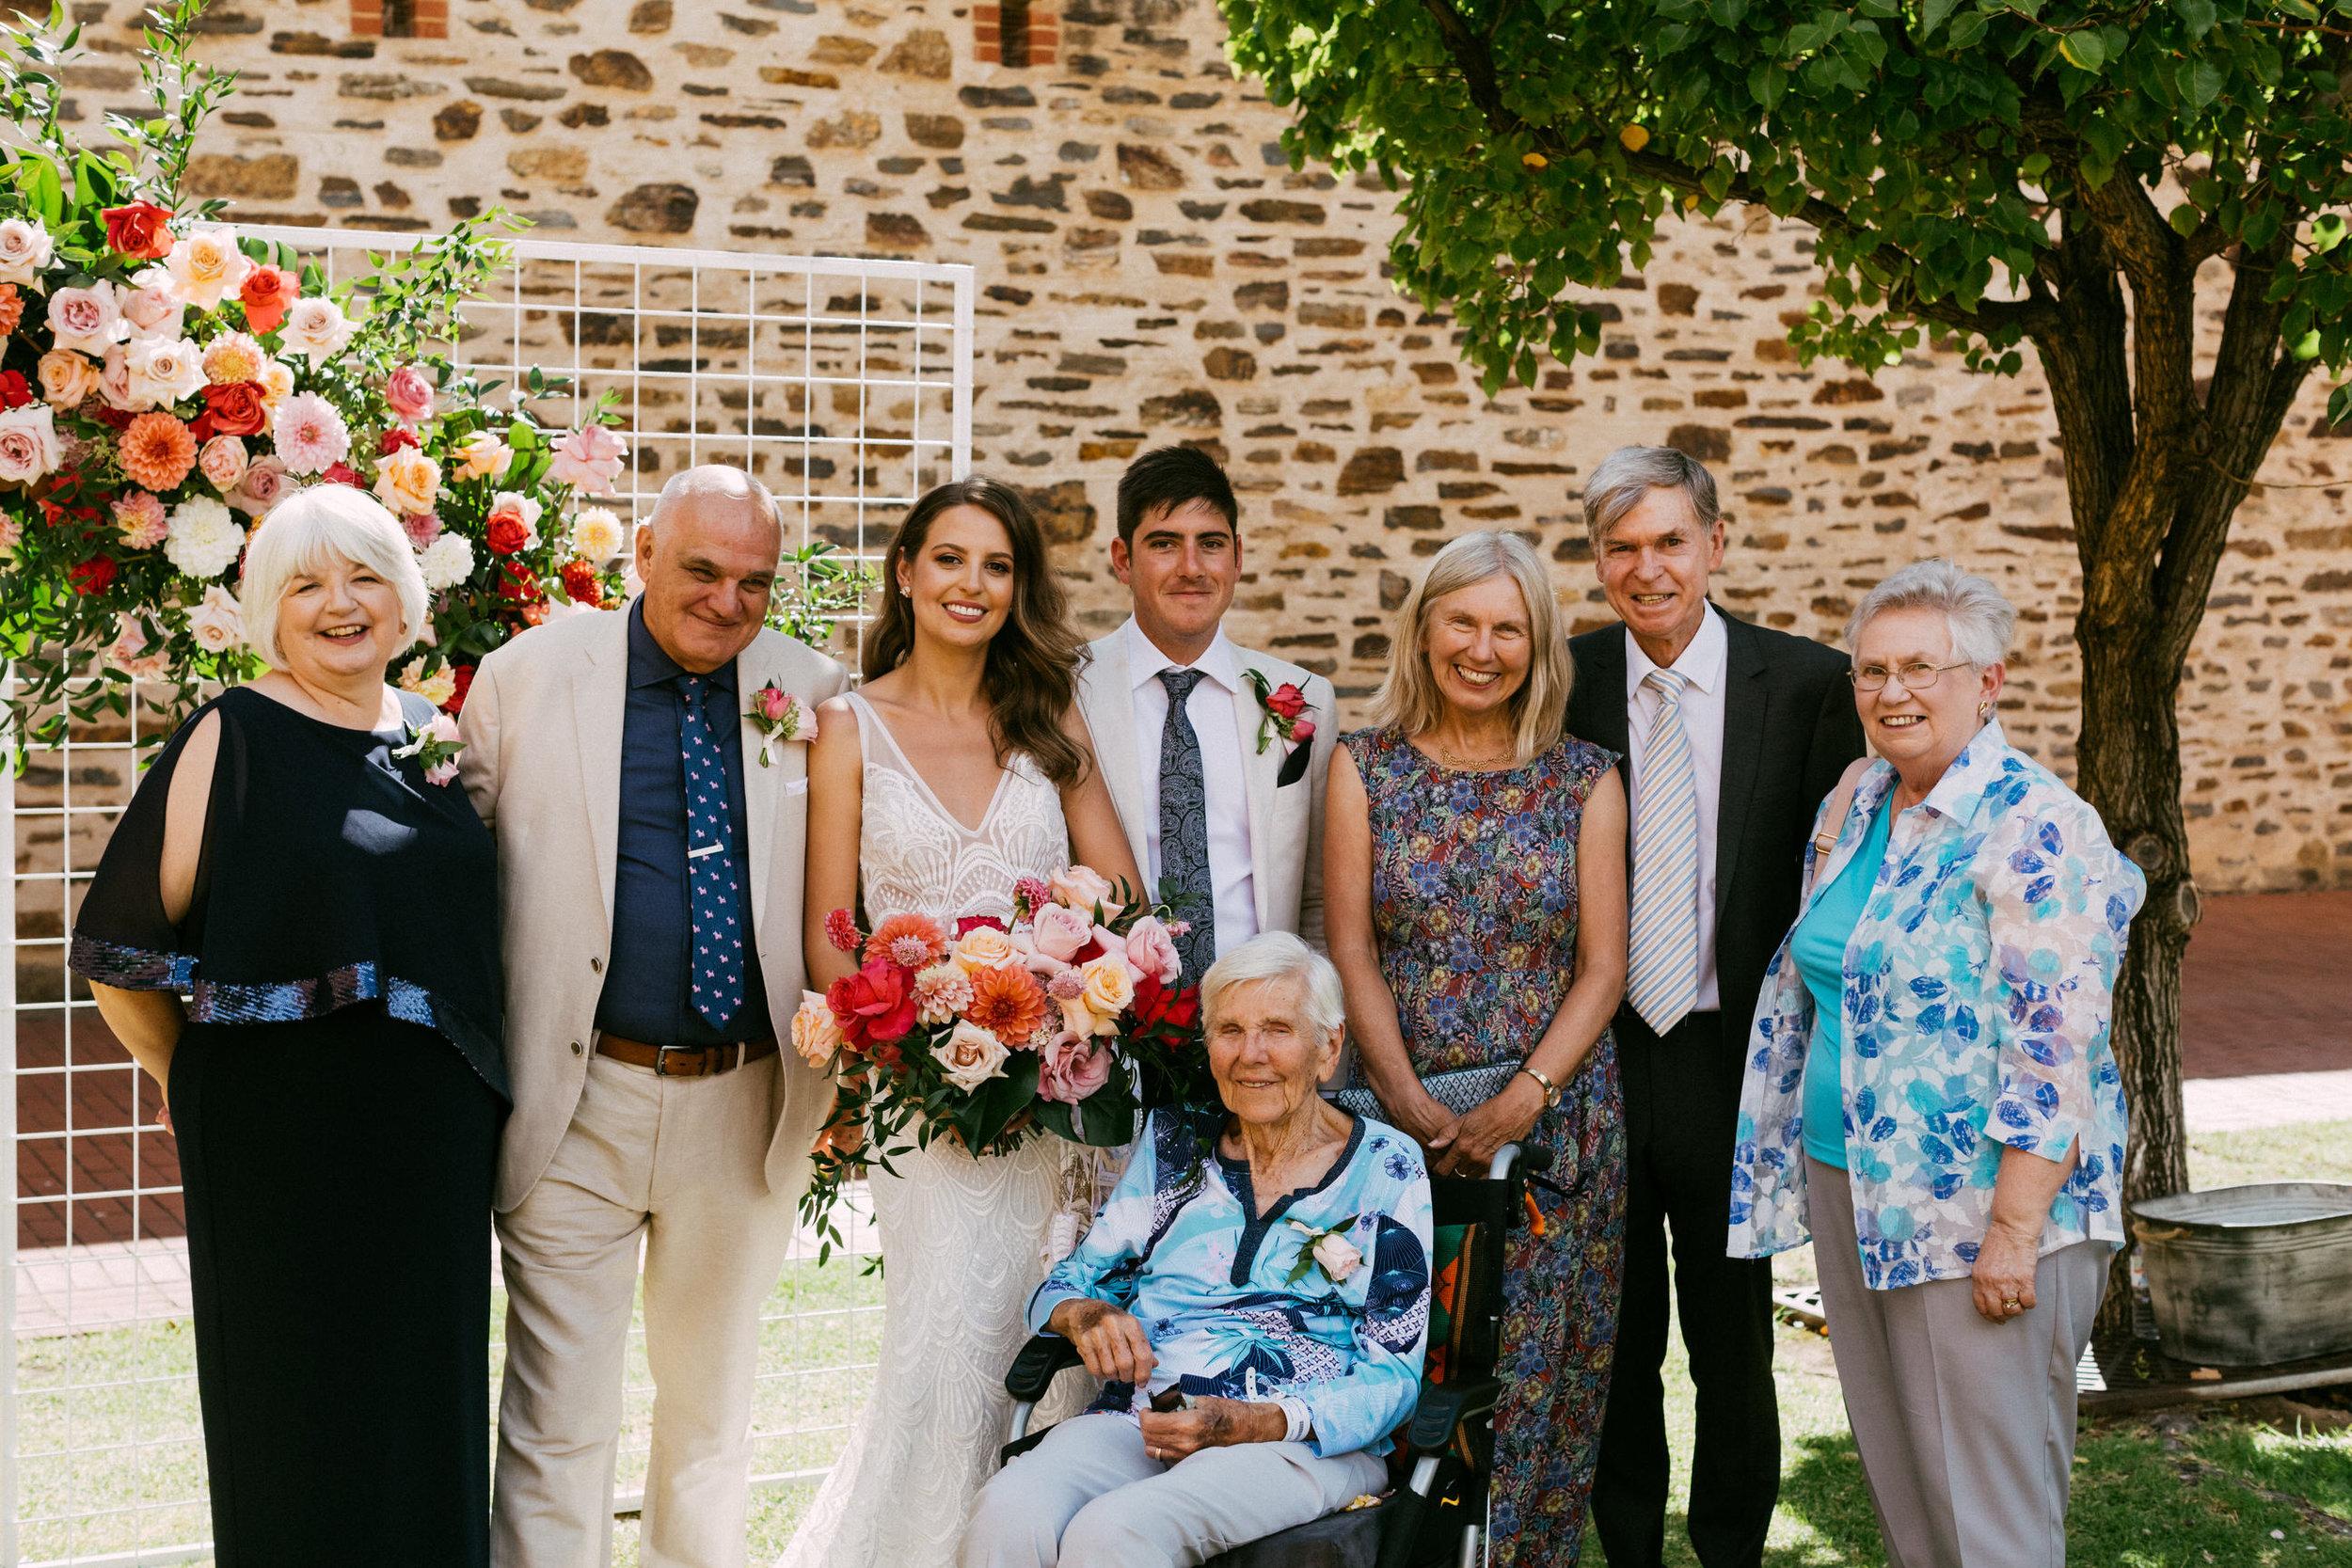 Adelaide City Fringe Garden Unearthly Delight Wedding 055.jpg